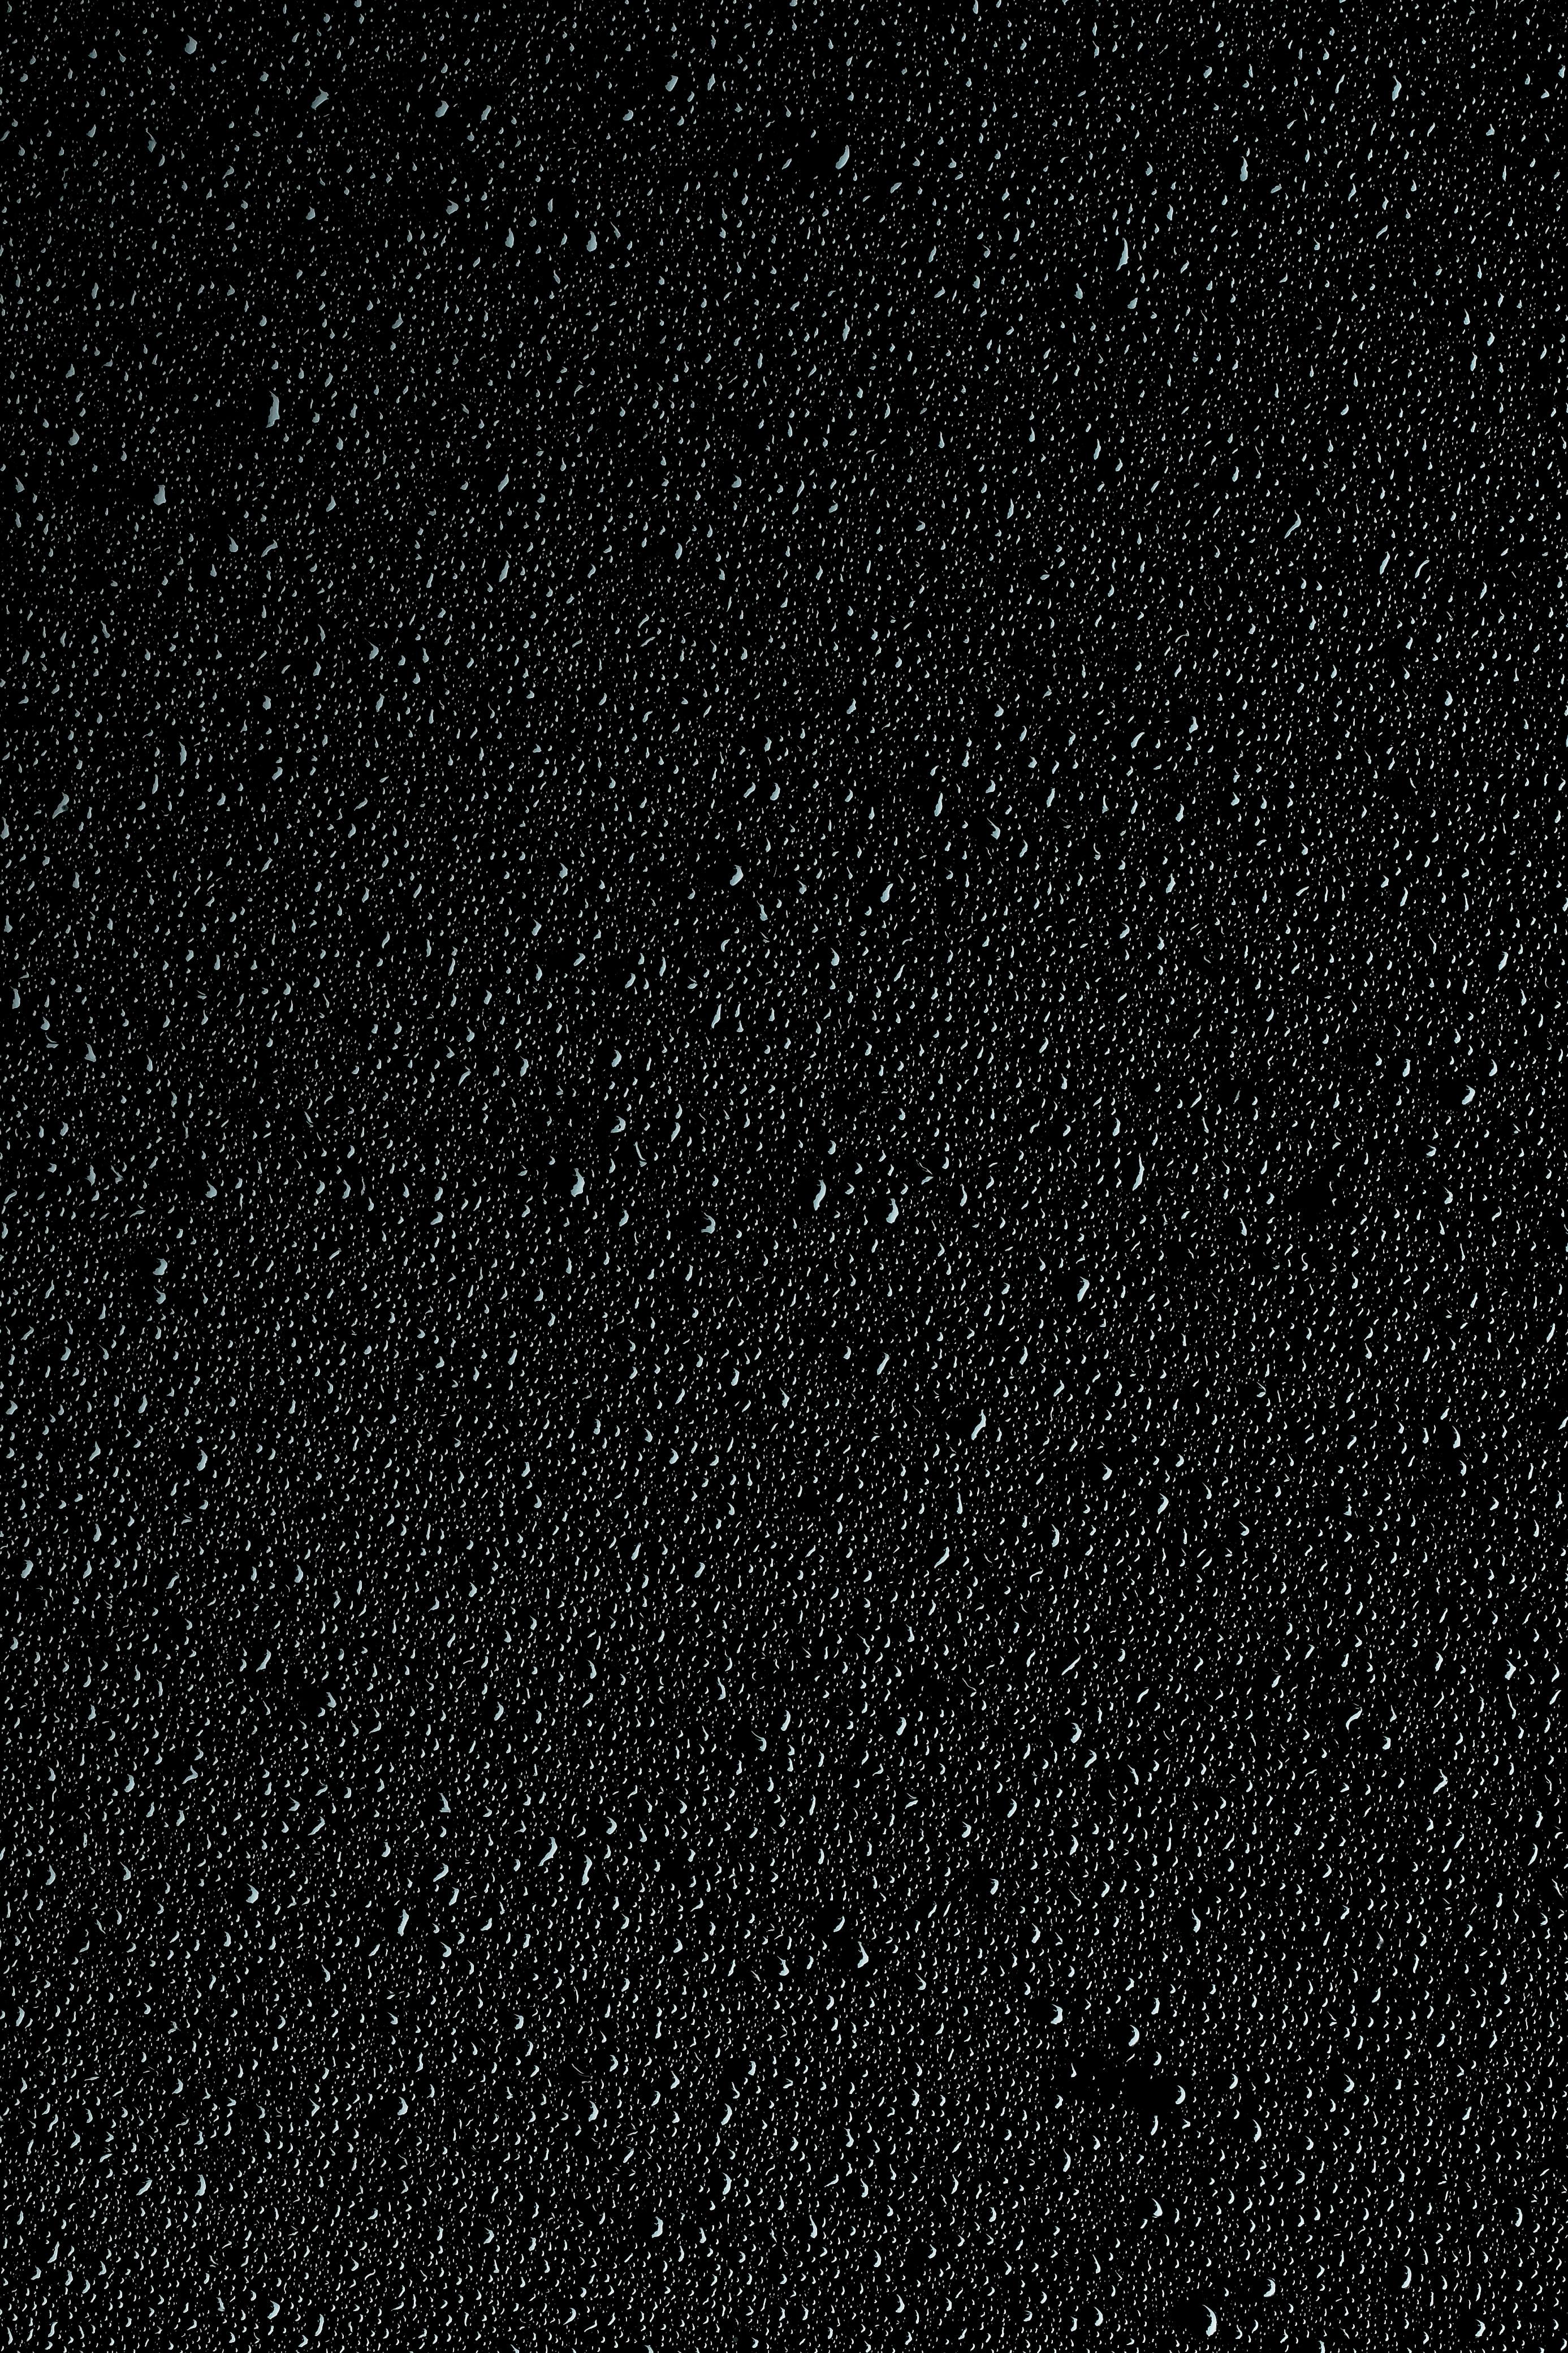 60876 économiseurs d'écran et fonds d'écran Textures sur votre téléphone. Téléchargez Textures, Drops, Mouiller, Mouillé, Texture, Le Noir, Surface, Rosée images gratuitement